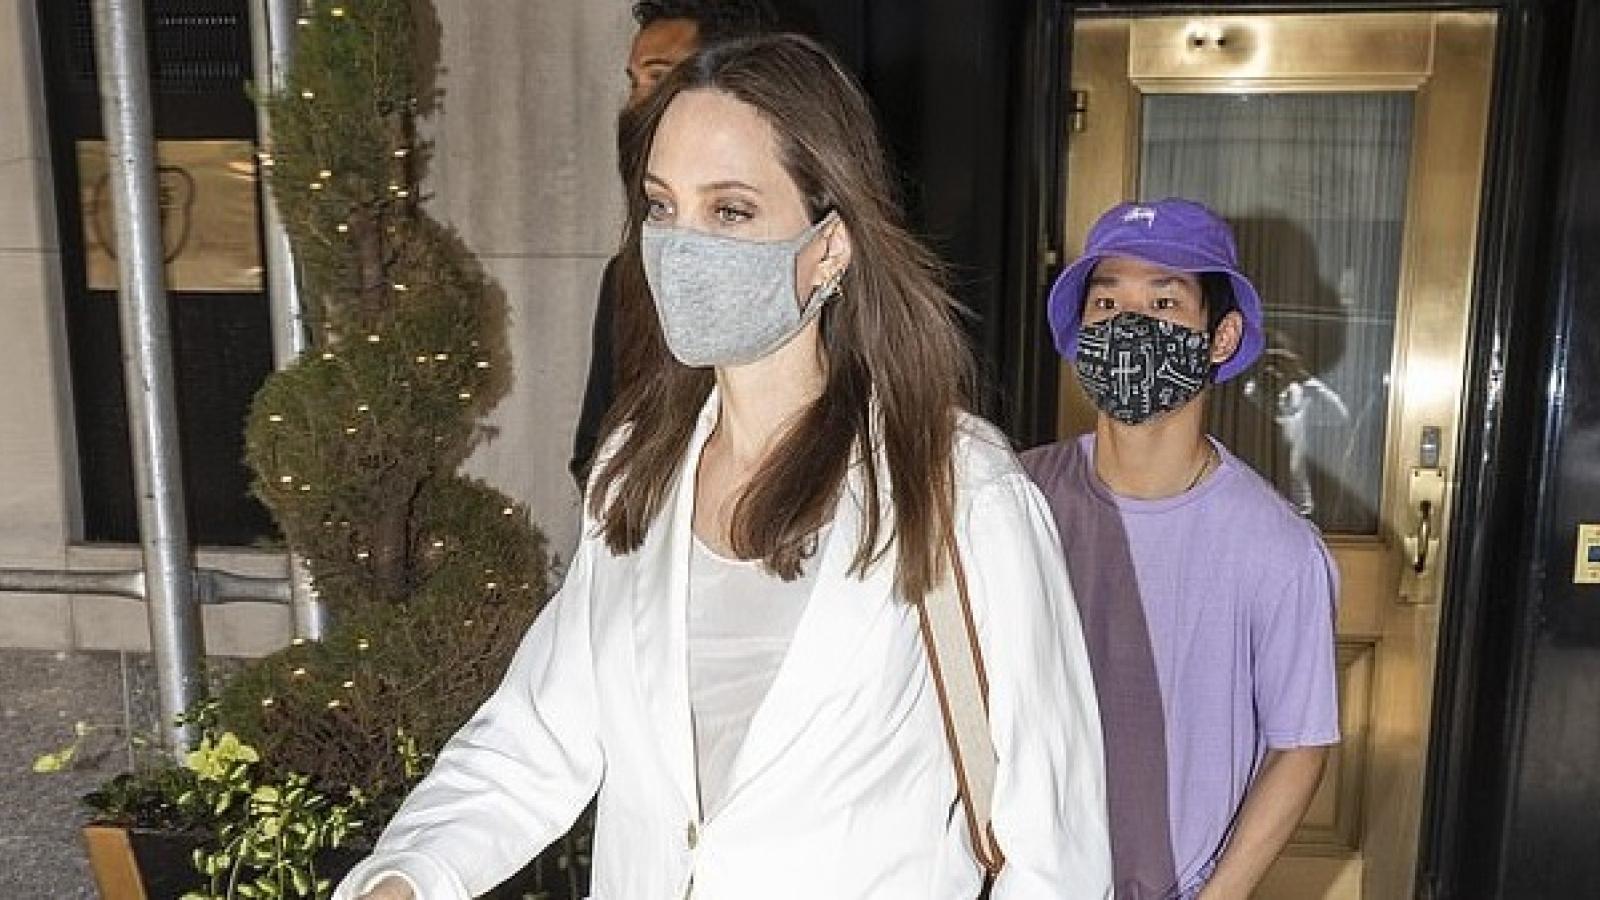 Angelina Jolie thanh lịch đi mua sắm cùng các con sau khi đến thăm nhà chồng cũ